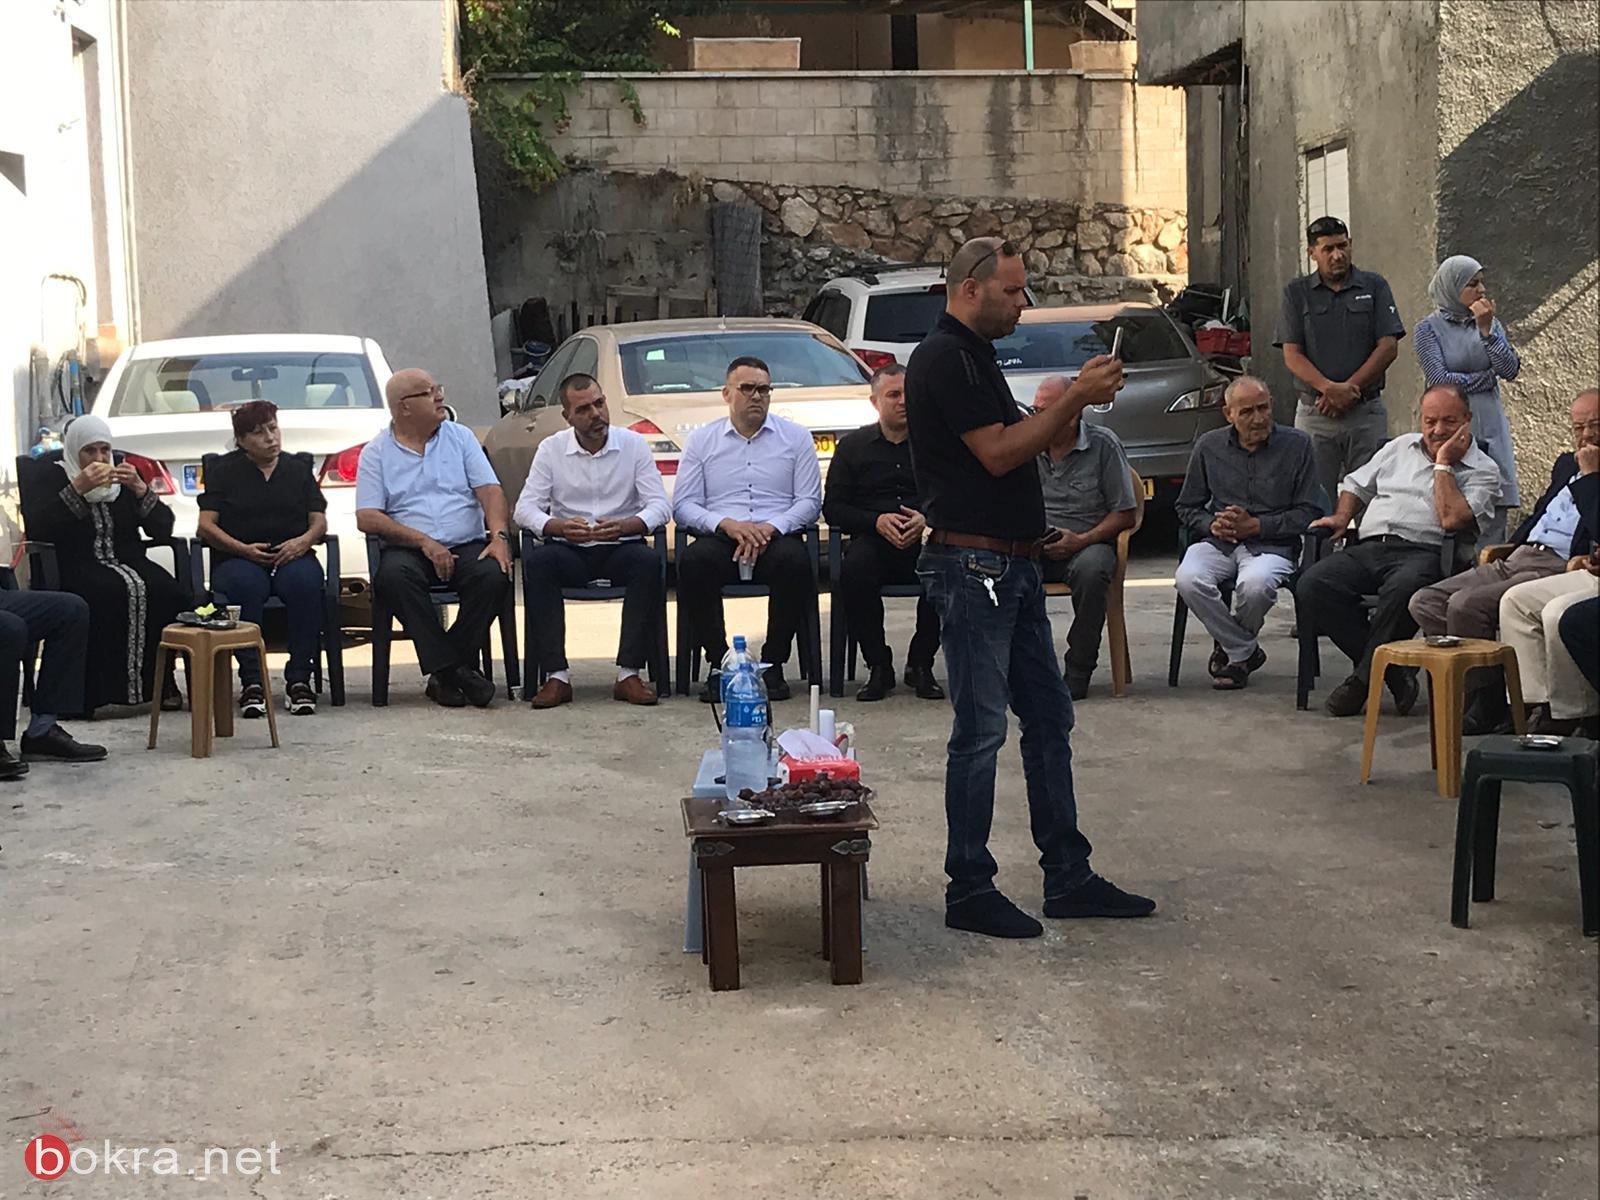 سخنين: اللجنة الشعبية والبلدية في زيارة لعوائل شهداء هبة اقدس والاقصى ووضع الاكاليل على الاضرحة